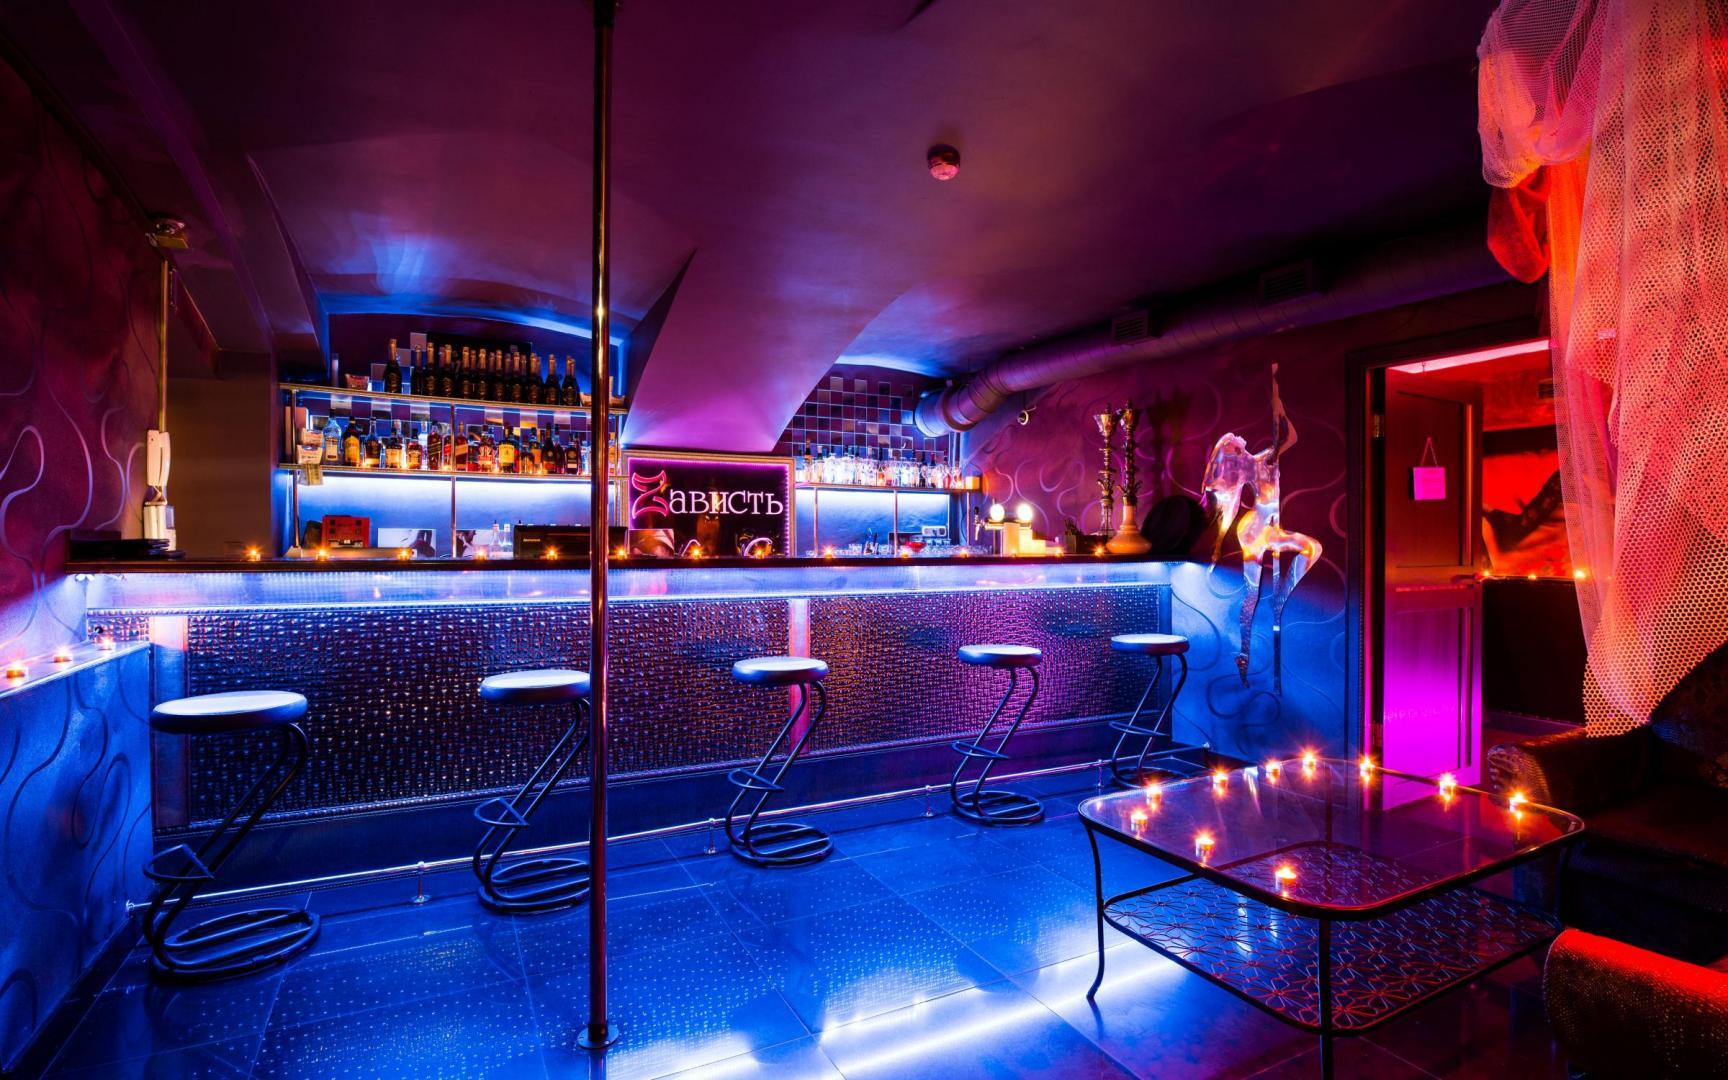 Ночной клуб зависть ночные клубы новодвинска